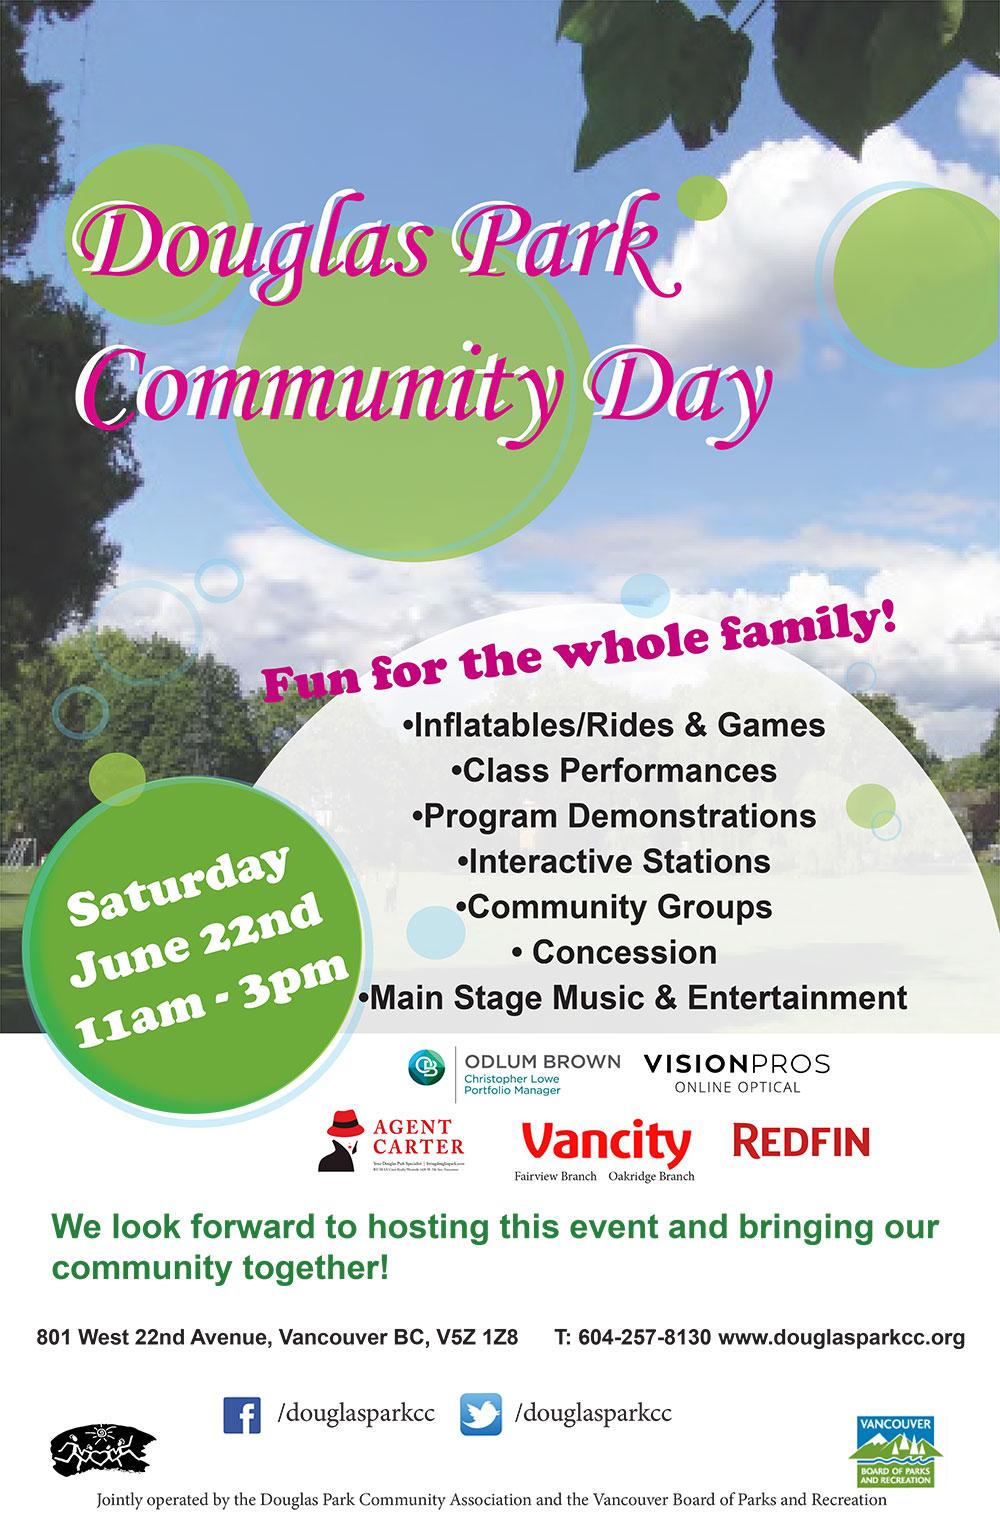 День сообщества Дугласа Парка